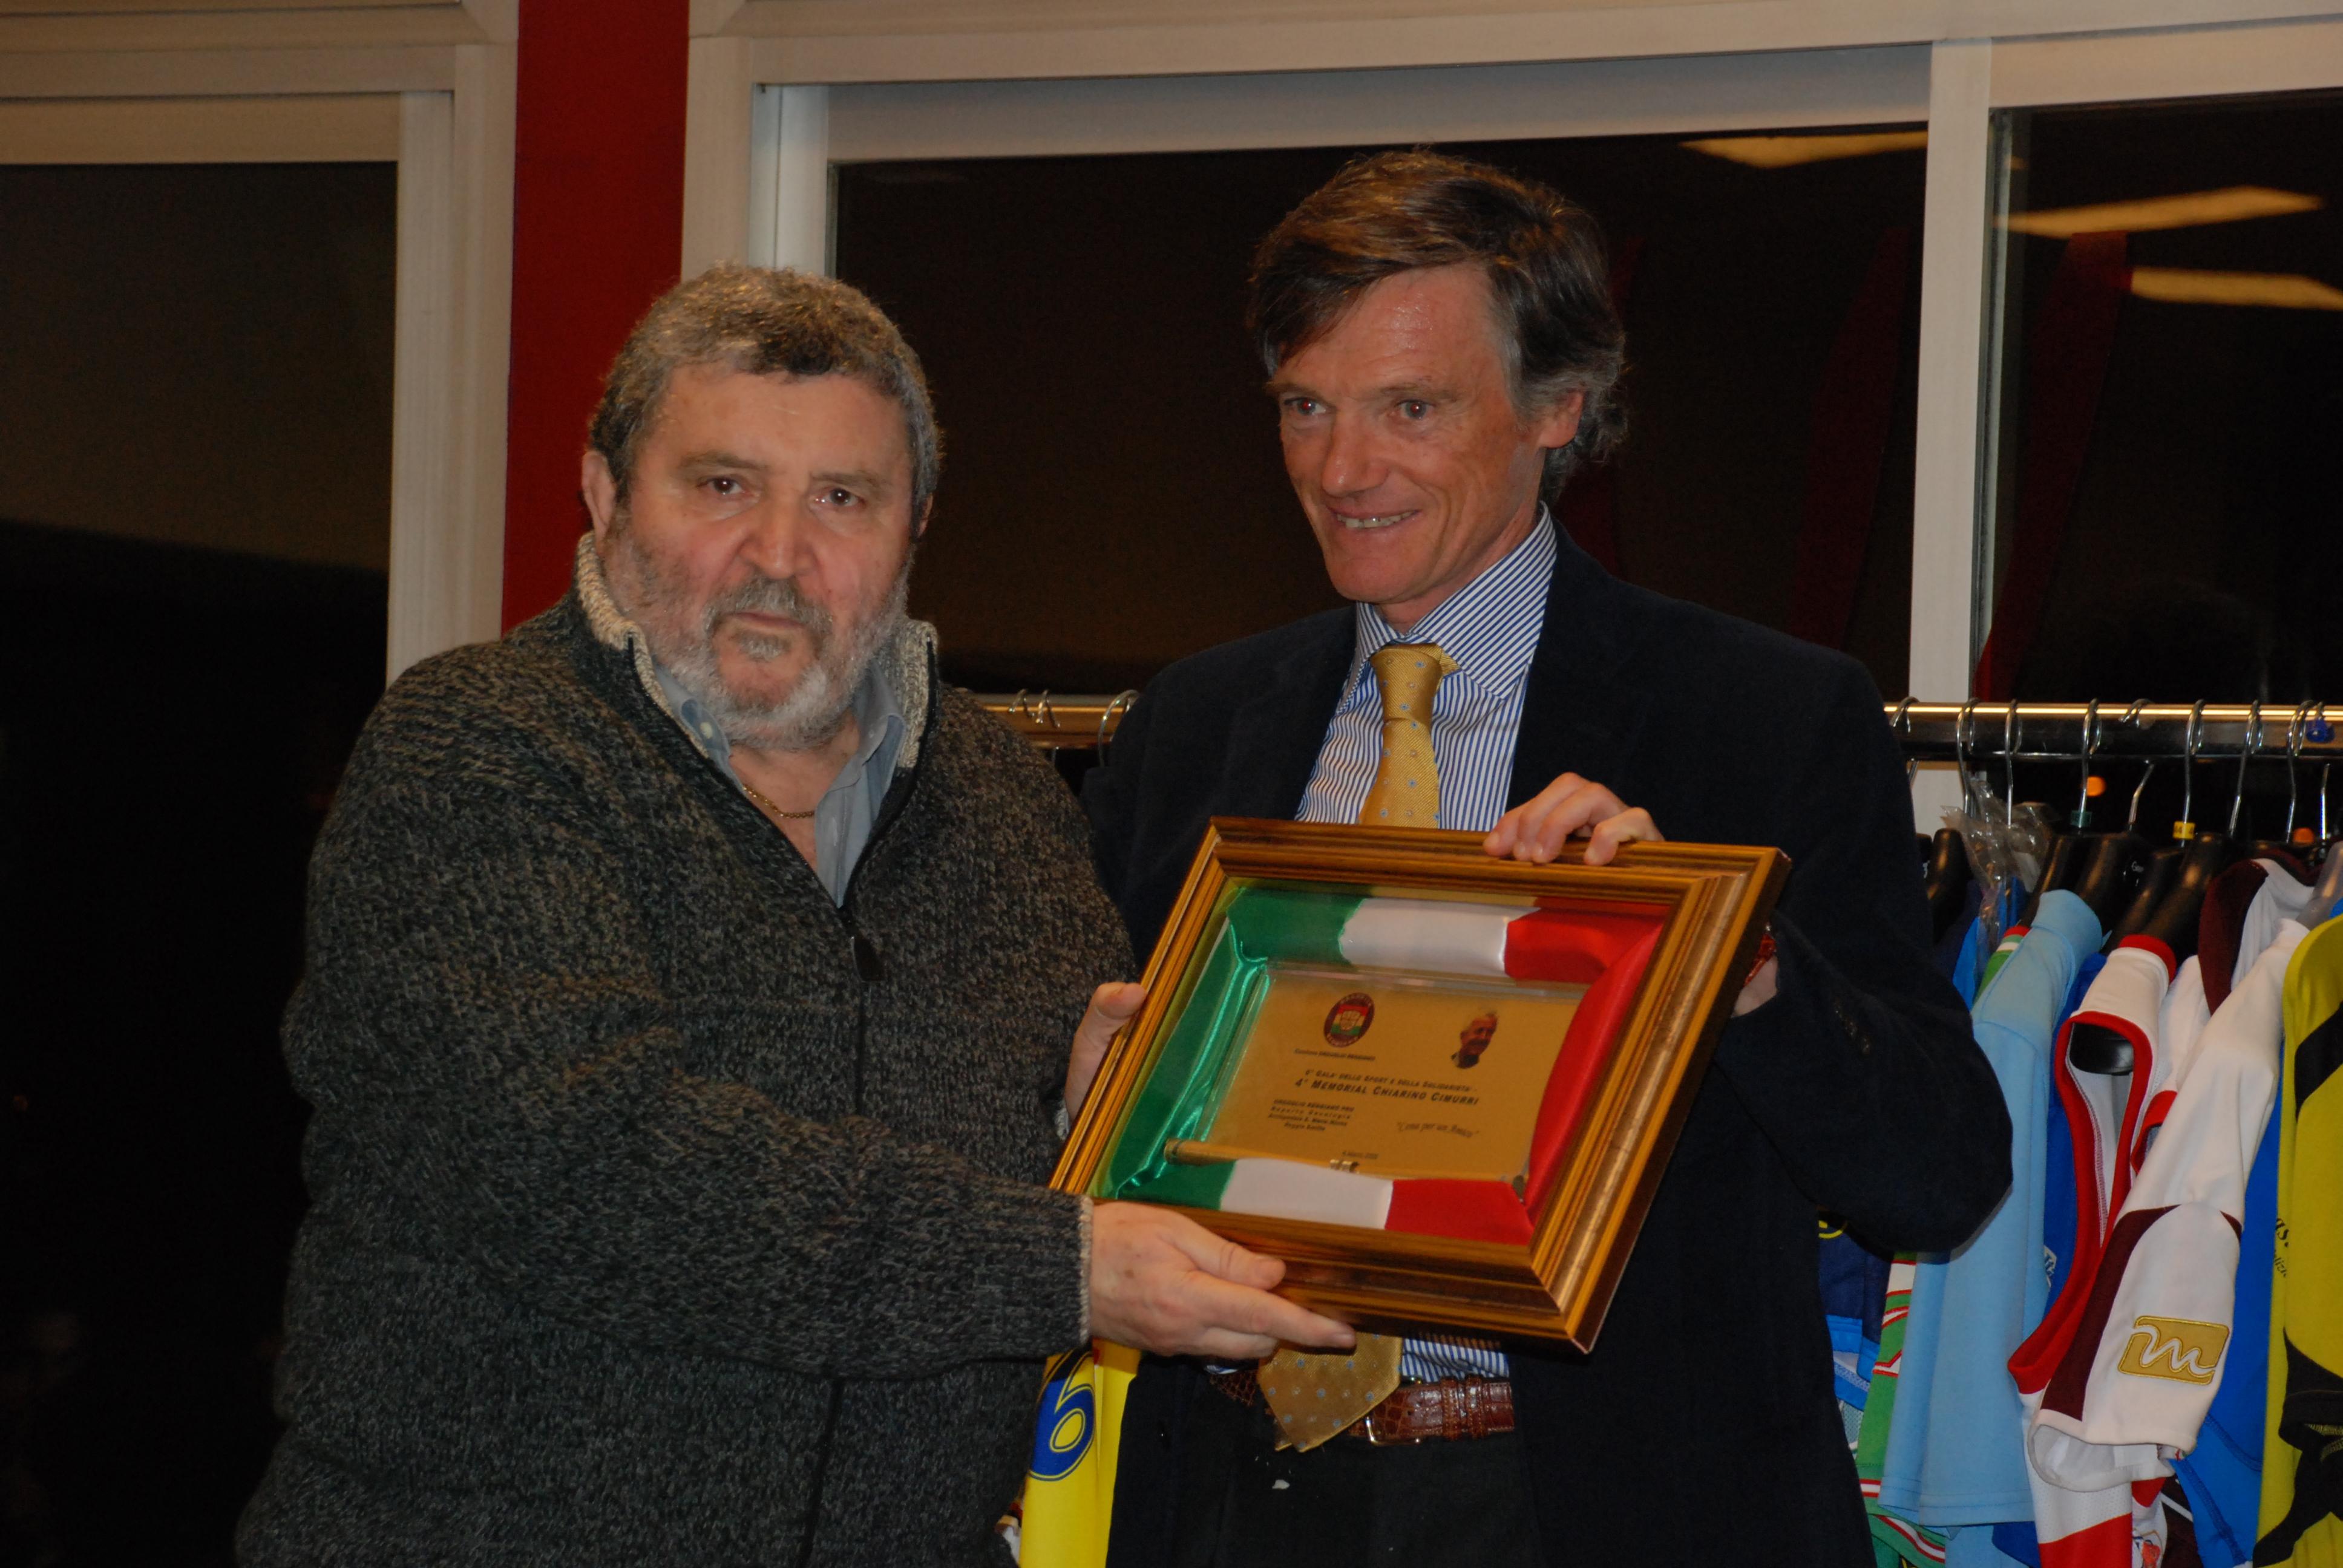 Gala G.Cimuirri consegna Memorial Chiarino Cimurri a Leo Ergellini (pall.Reggiana)